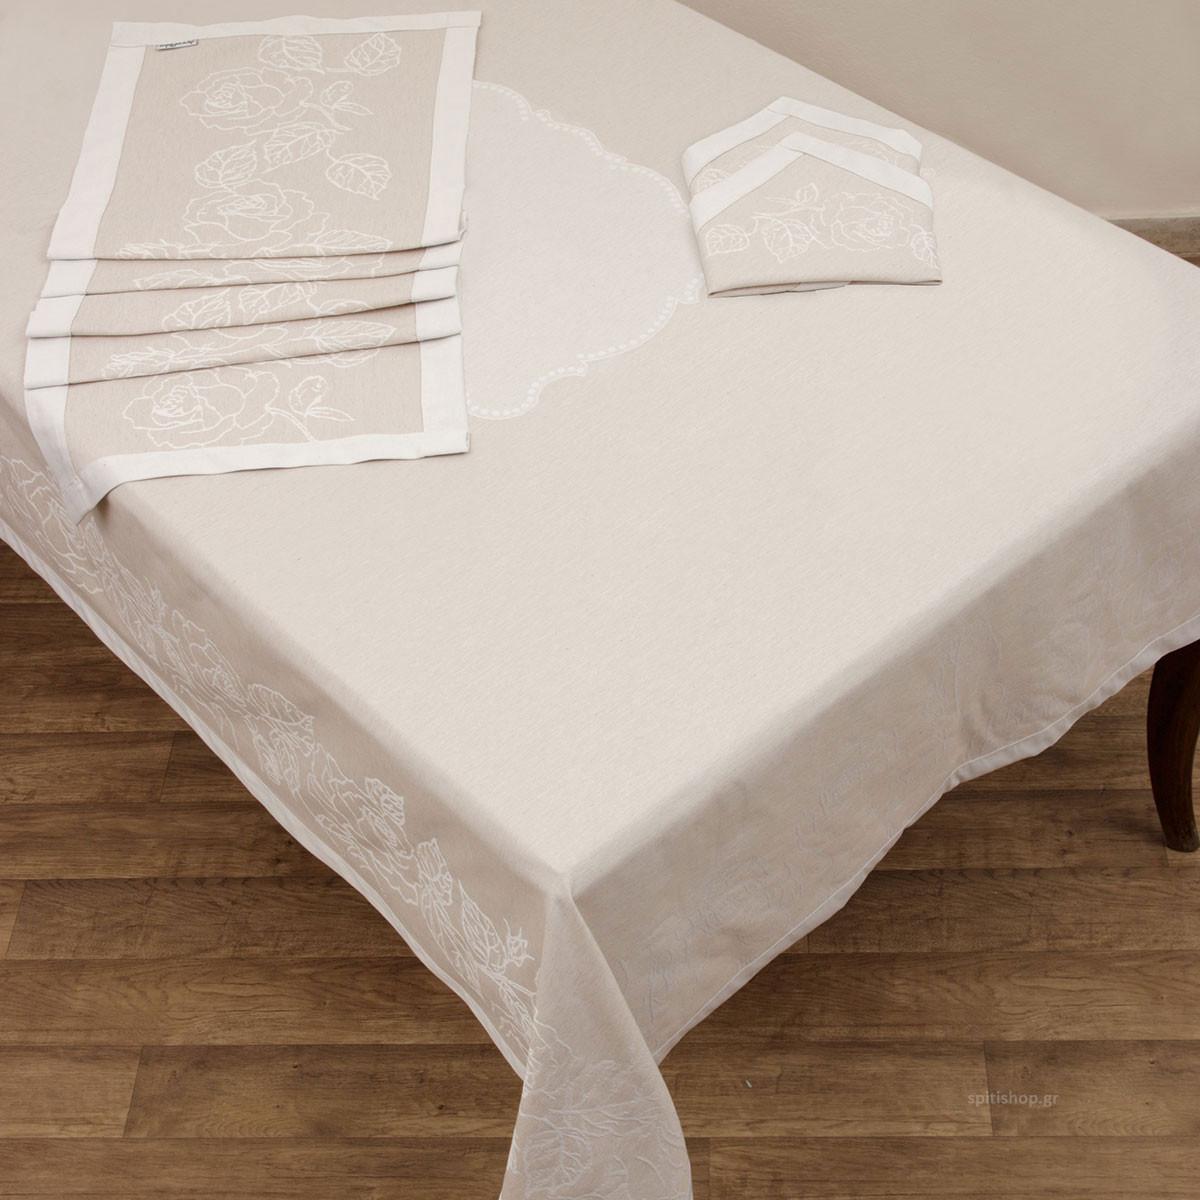 Τραπεζομάντηλο (165×320) Anna Riska 2410 Linen